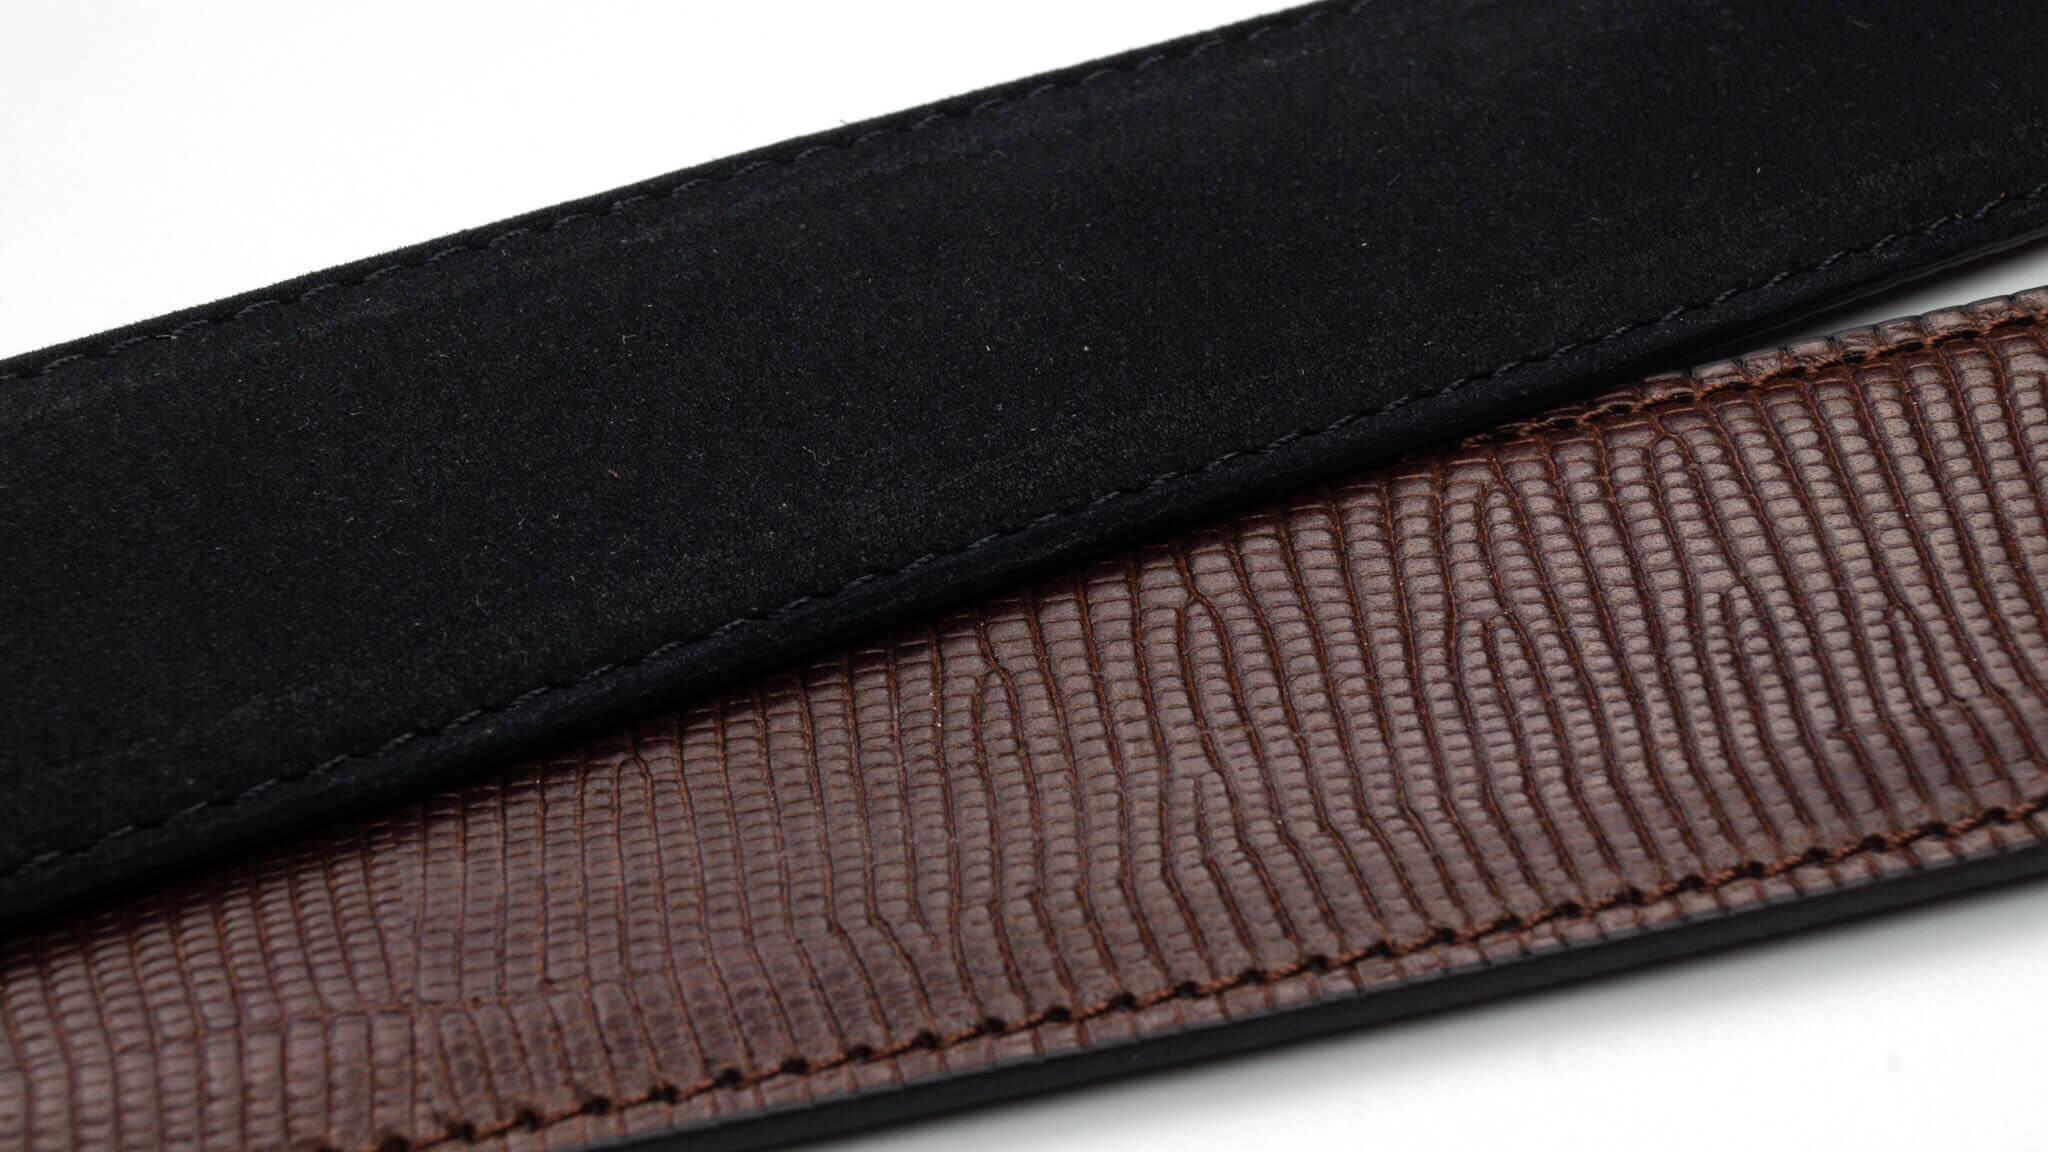 Wendegürtel 3,5 cm in Nubuk Schwarz und Echsen-Prägung Braun